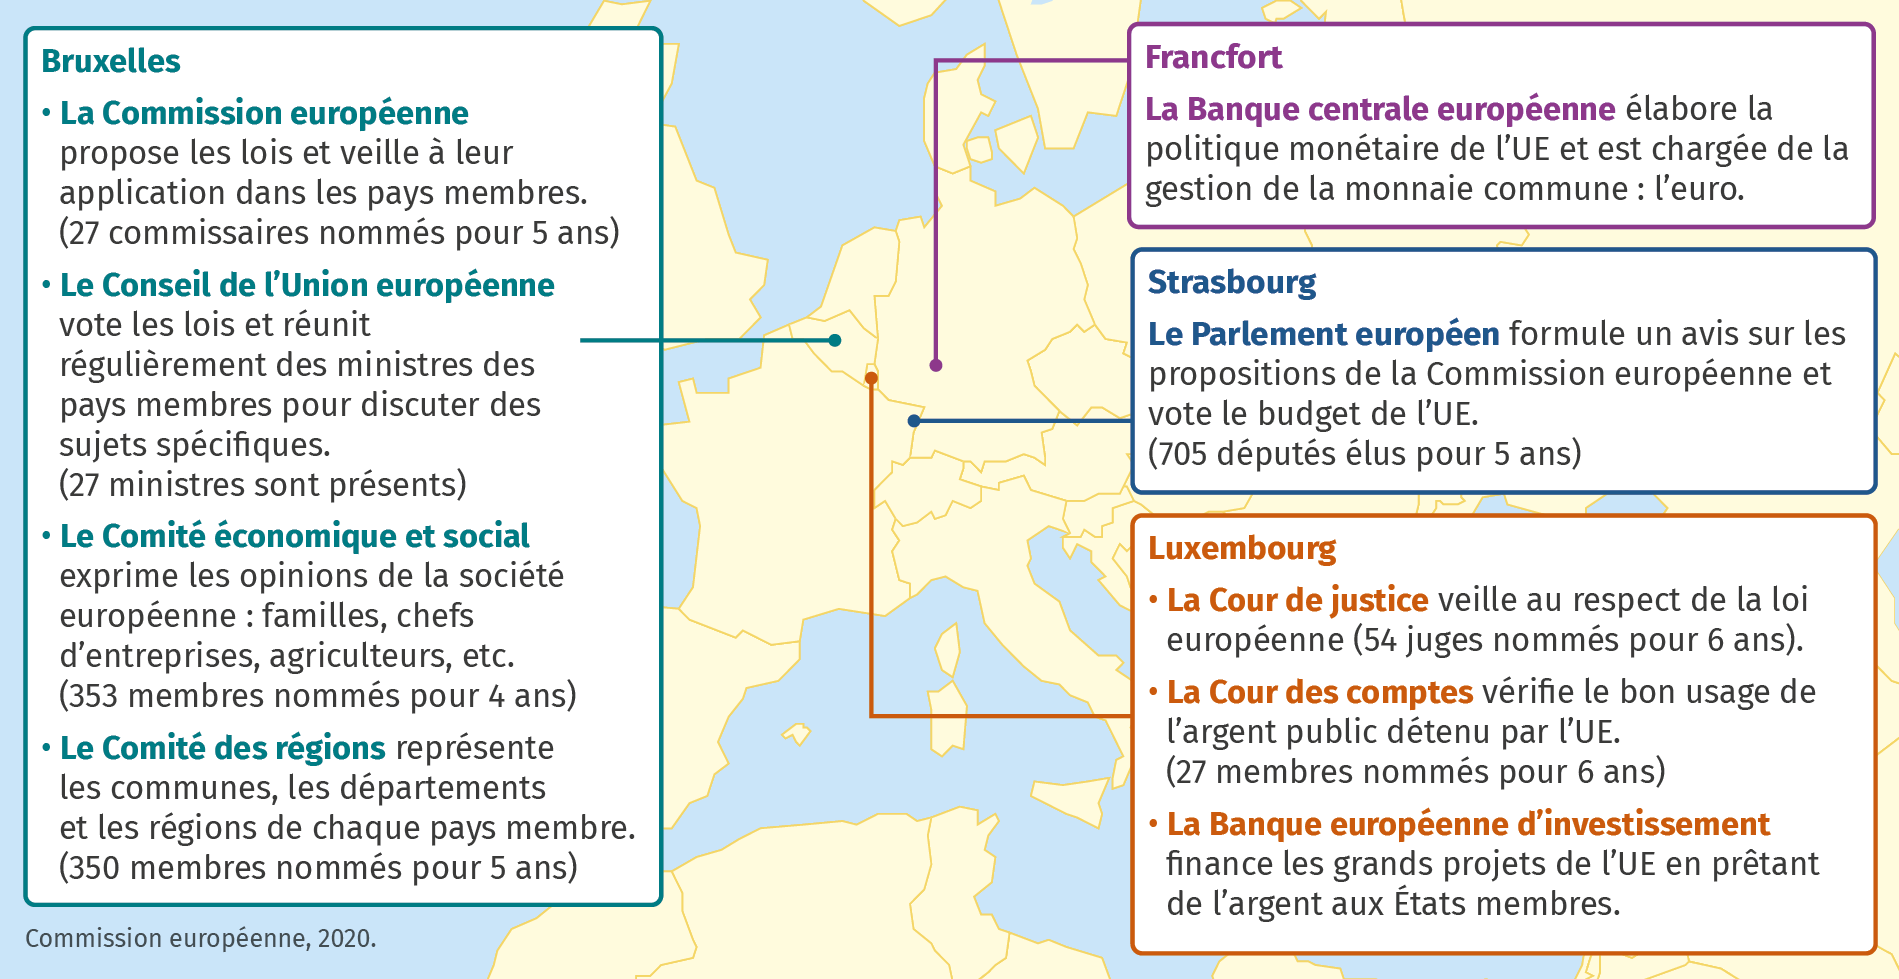 Les principales institutions de l'Union européenne